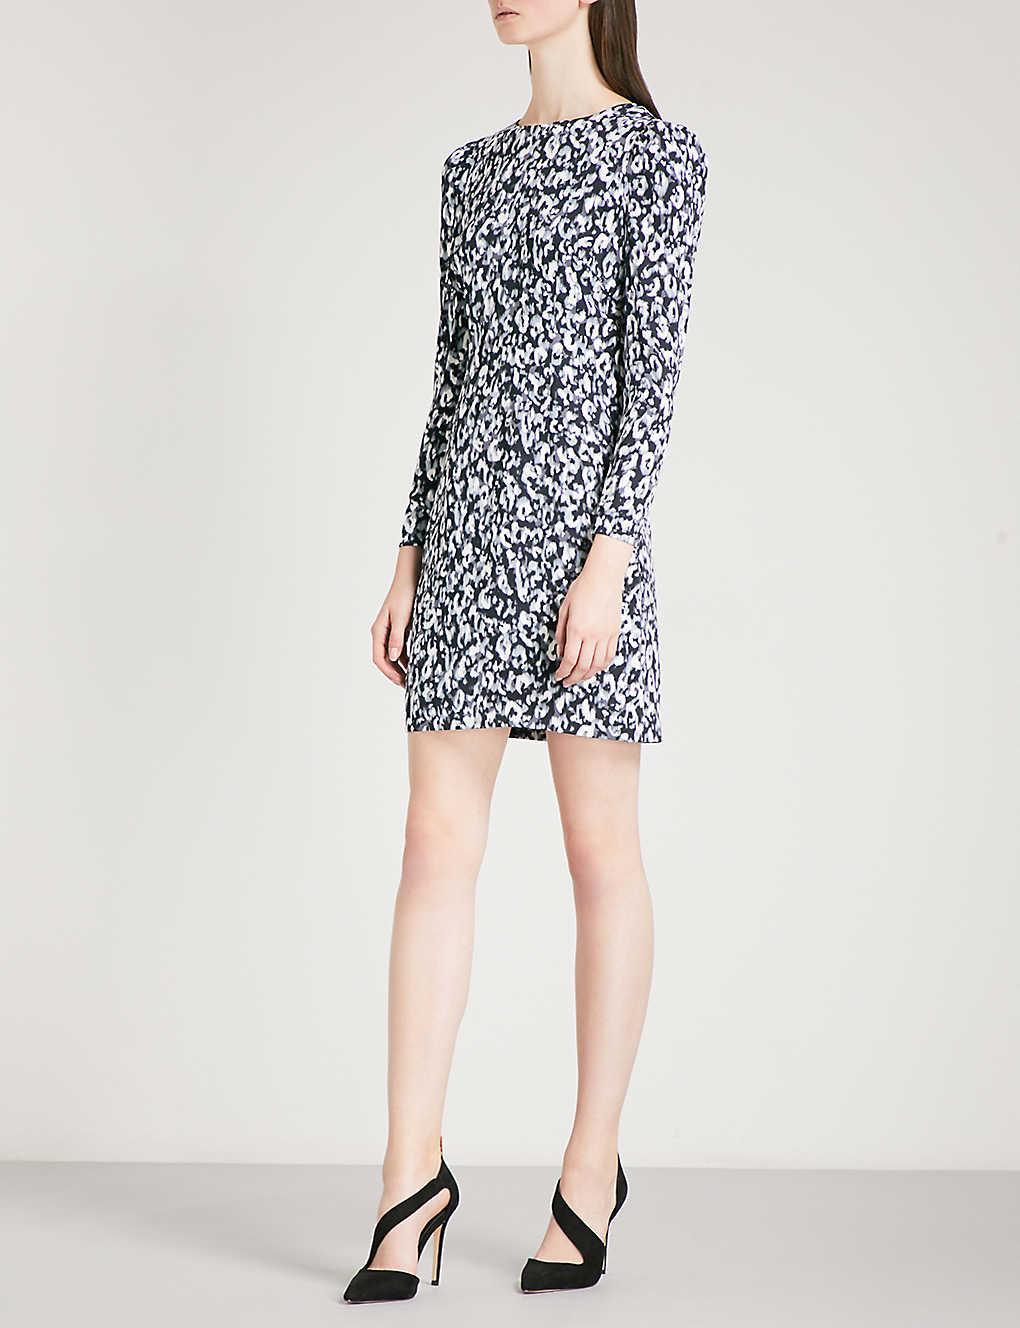 0bce2824e3b3 KAREN MILLEN - Leopard-print woven pencil dress | Selfridges.com